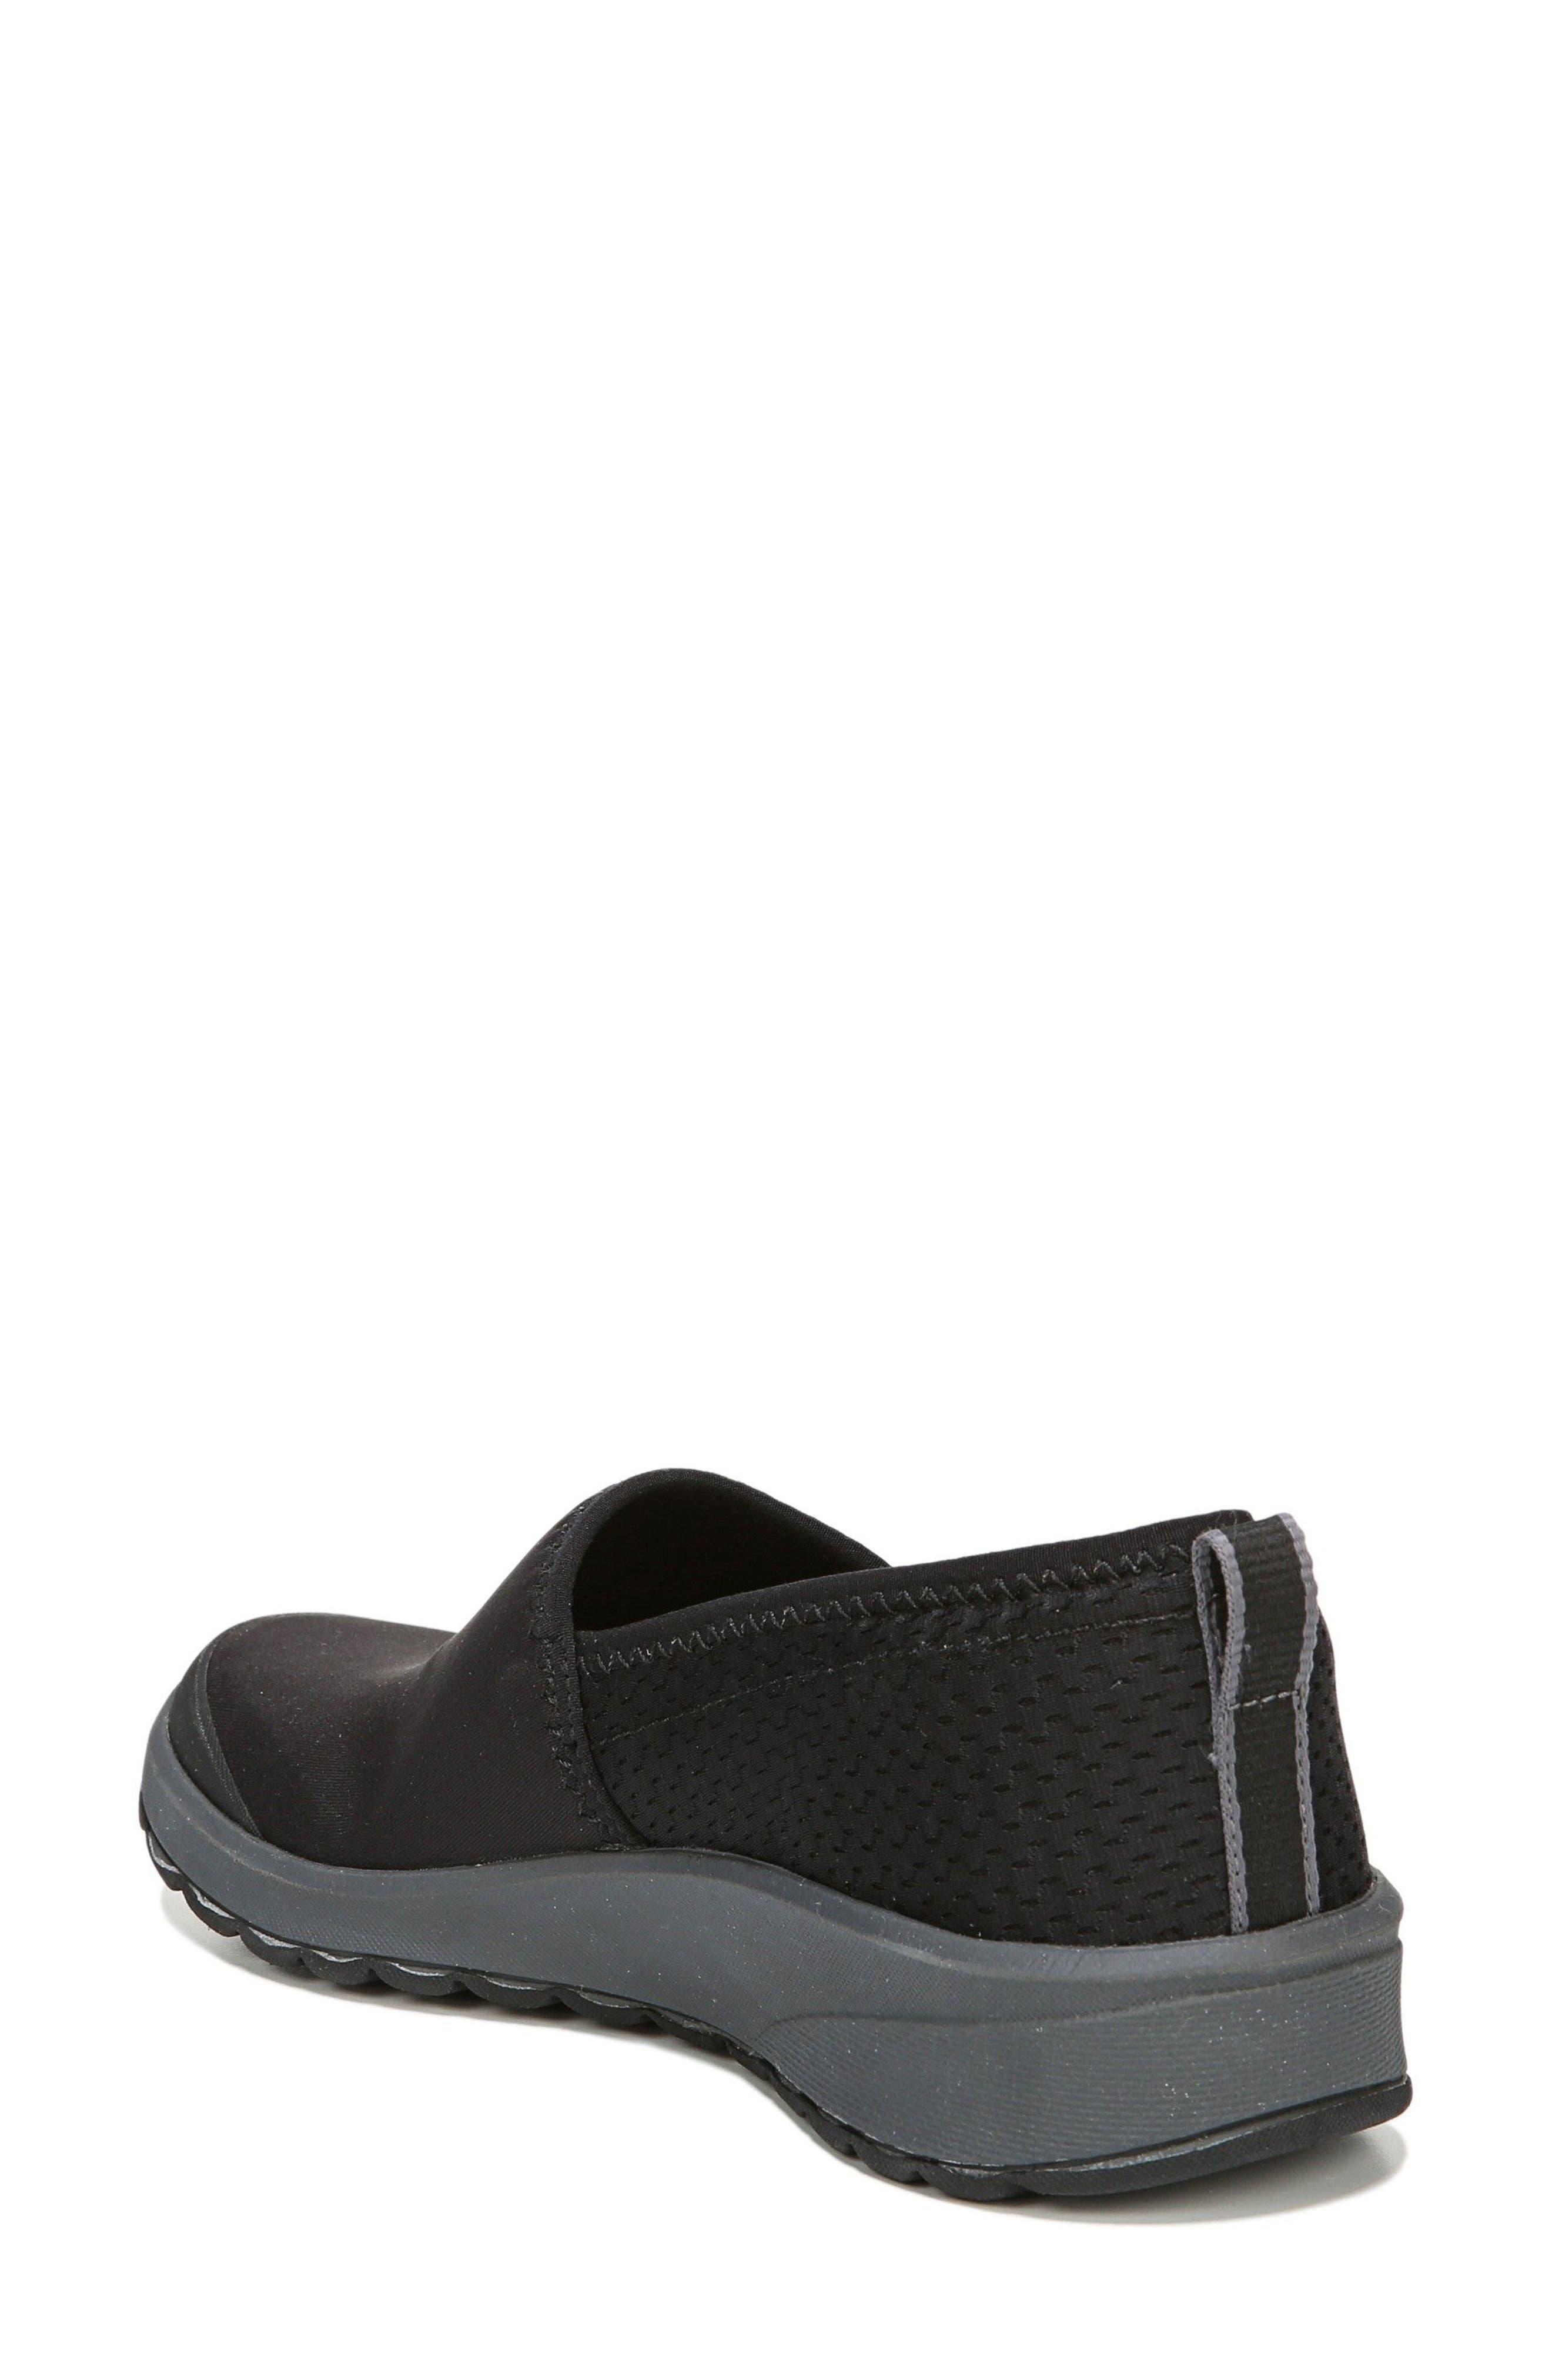 Glee Slip-On Sneaker,                             Alternate thumbnail 2, color,                             Black Fabric